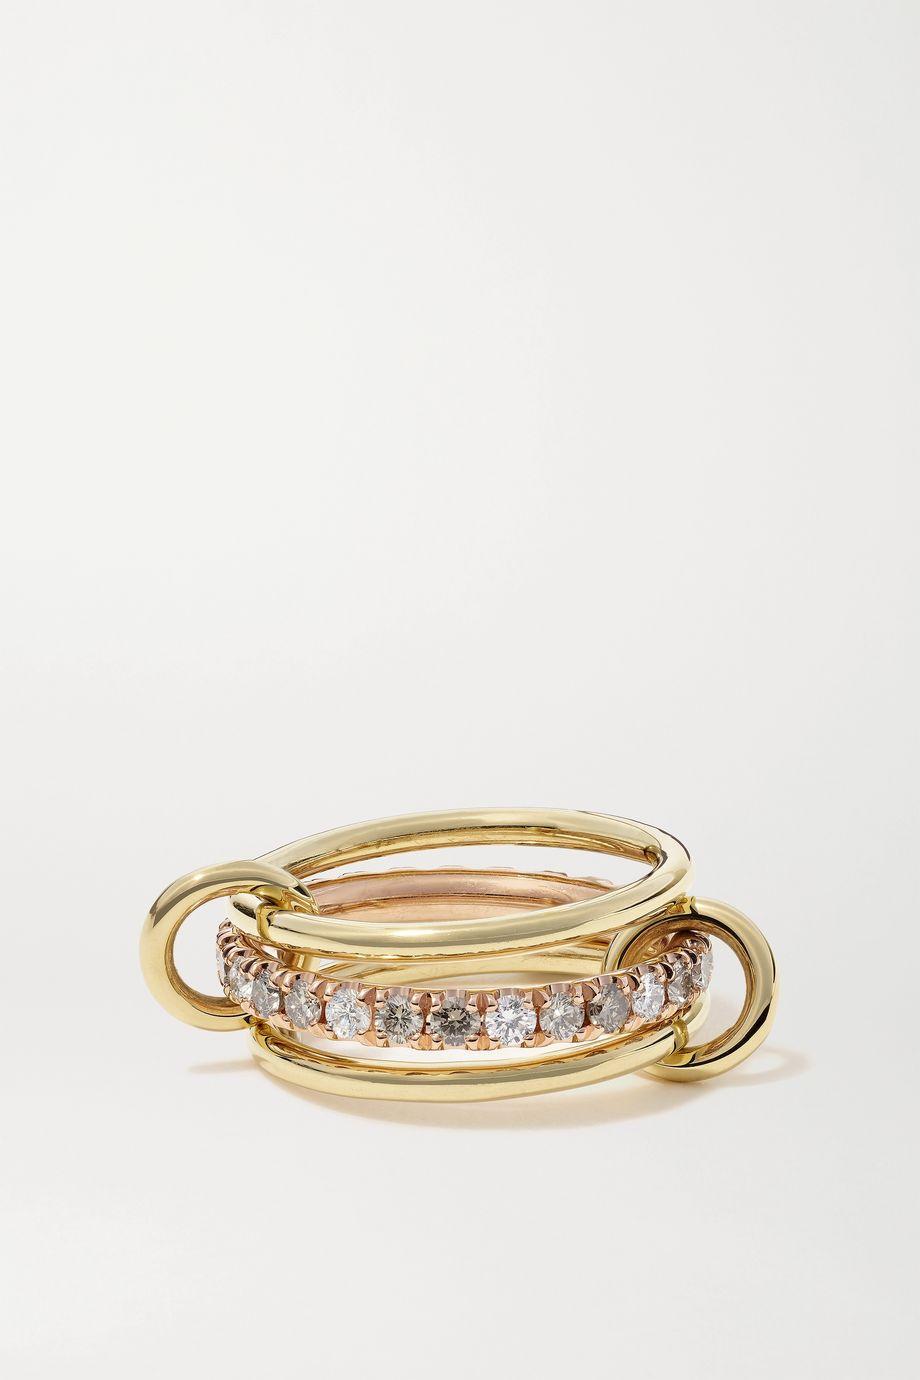 Spinelli Kilcollin Set de trois bagues en or jaune et rose 18 carats et diamants Sonny Max